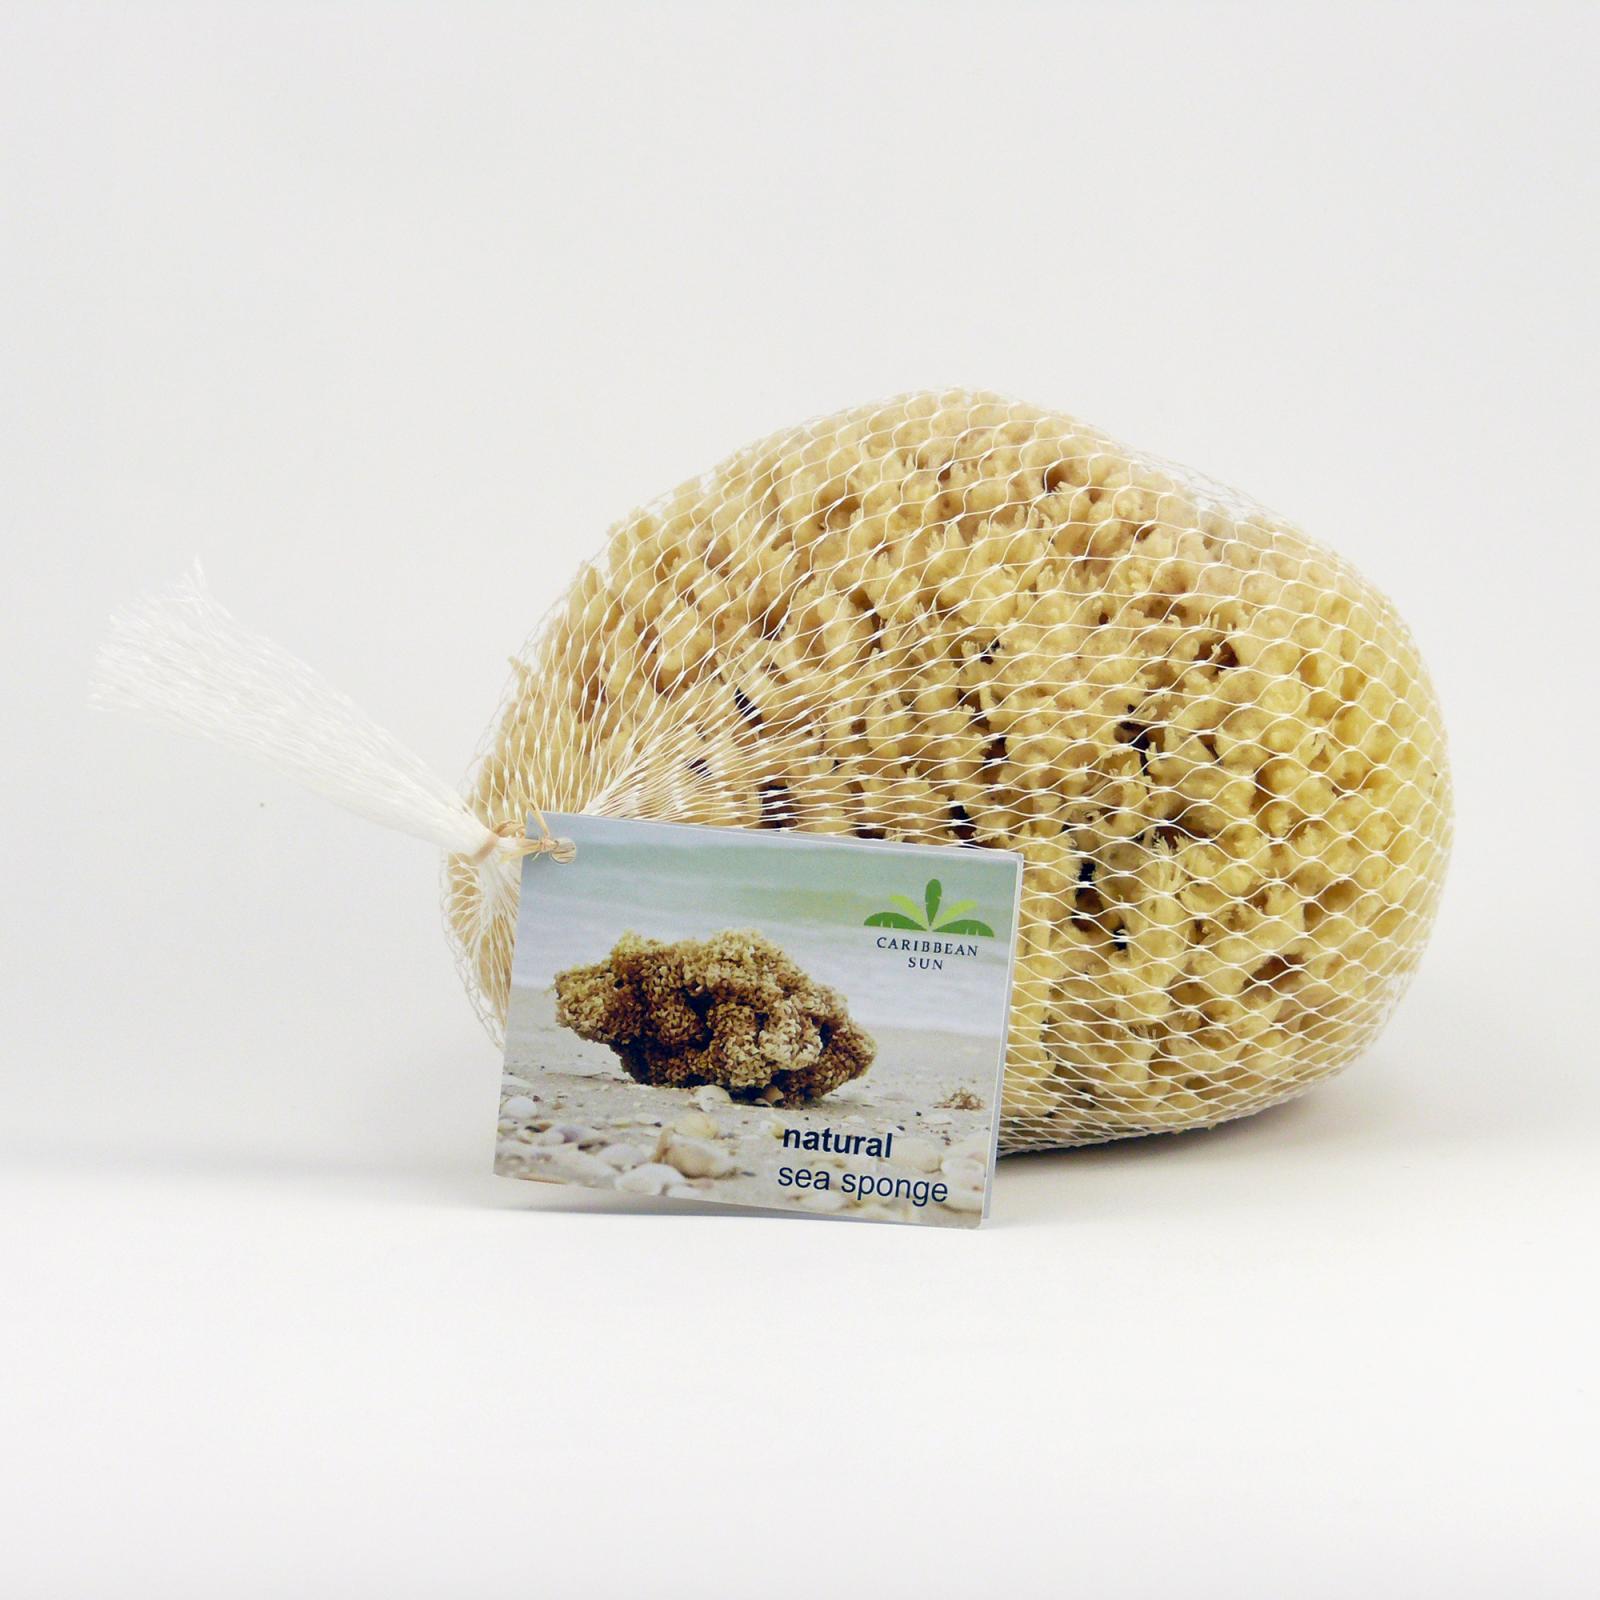 Caribbean Sun Mořská houba Wool, SWL 328 1 ks, 14-15 cm